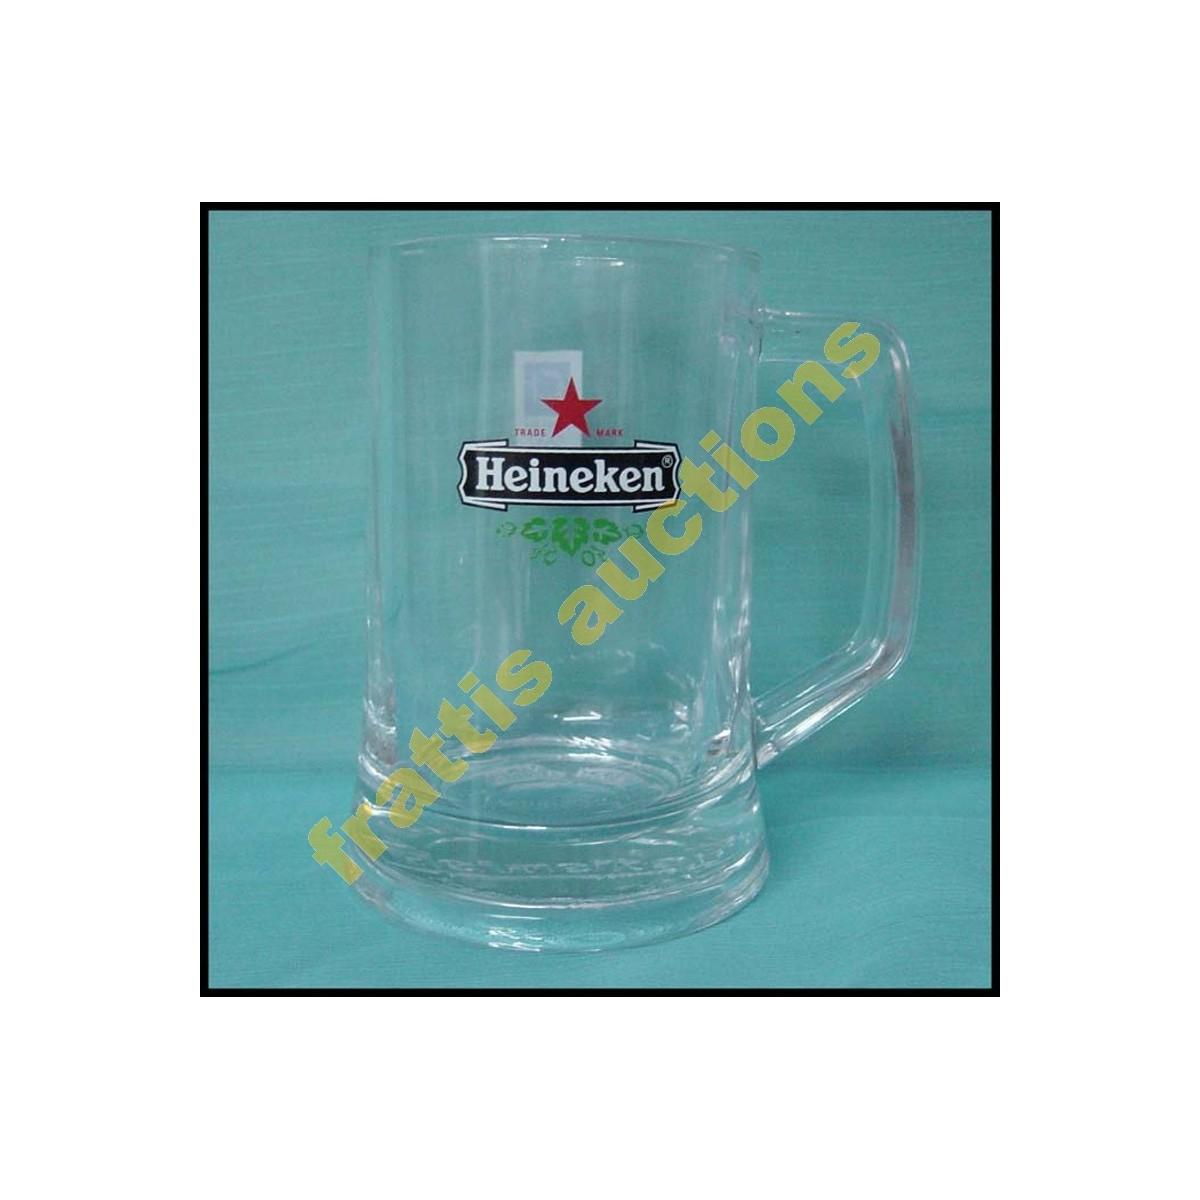 Ολυμπιάδα ΑΘΗΝΑ 2004. Ποτήρι μπύρας.